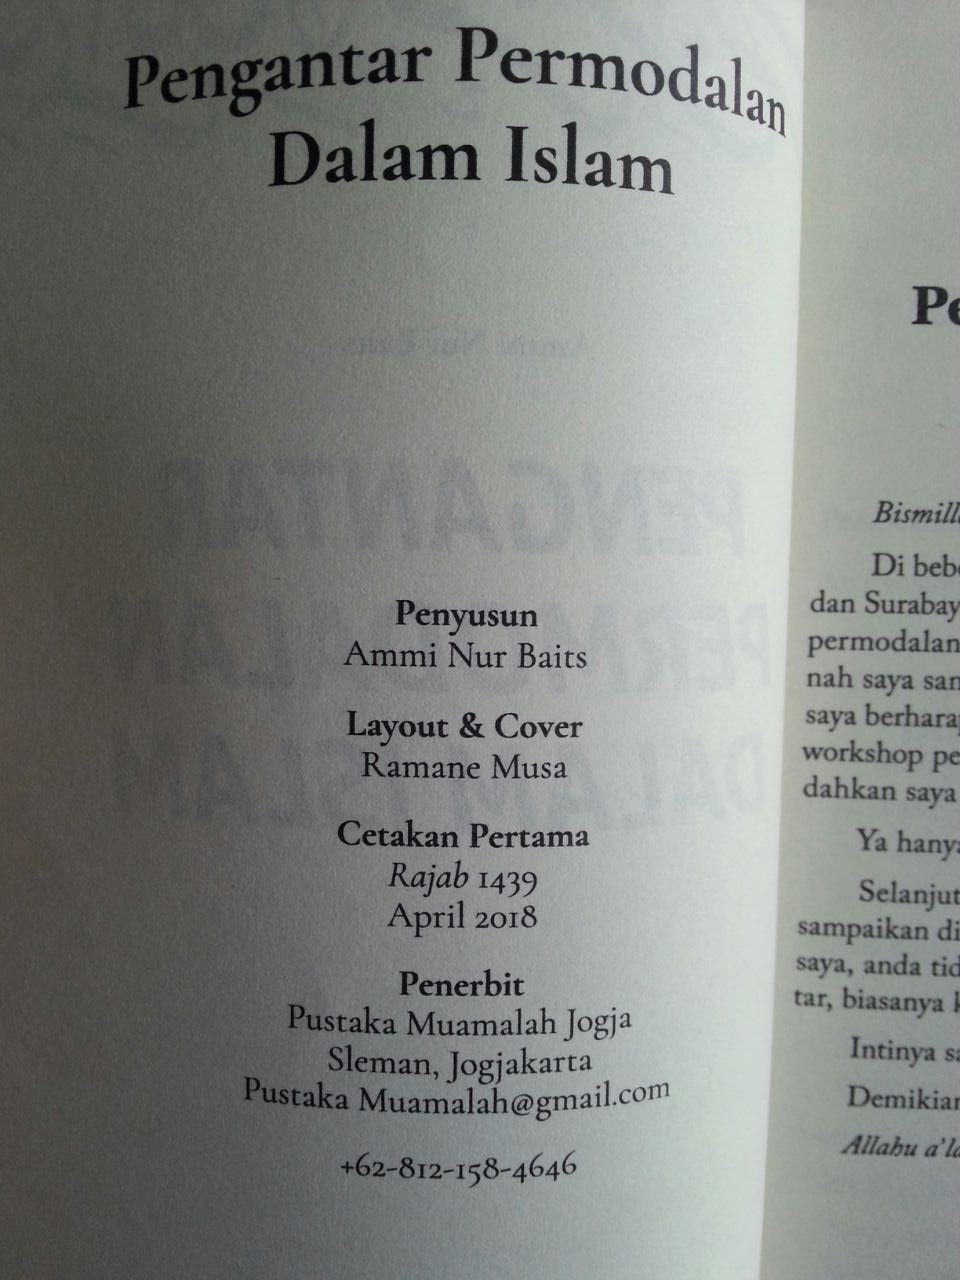 Buku Pengantar Permodalan Dalam Islam isi 2